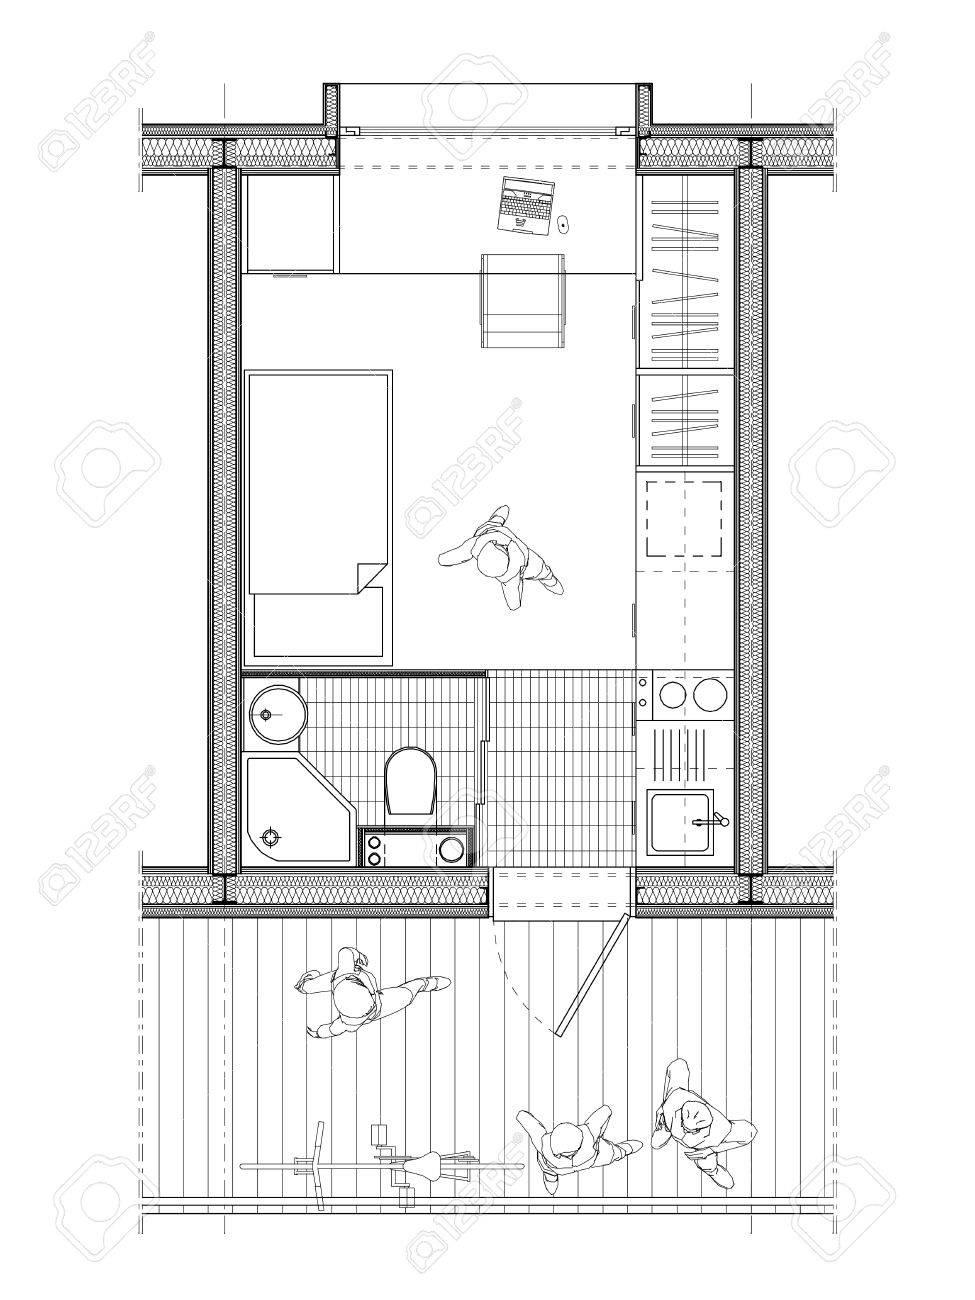 Dessin d\'architecte technique d\'un plan d\'une chambre d\'étudiant de 9  mètres carrés avec des détails de l\'aménagement intérieur